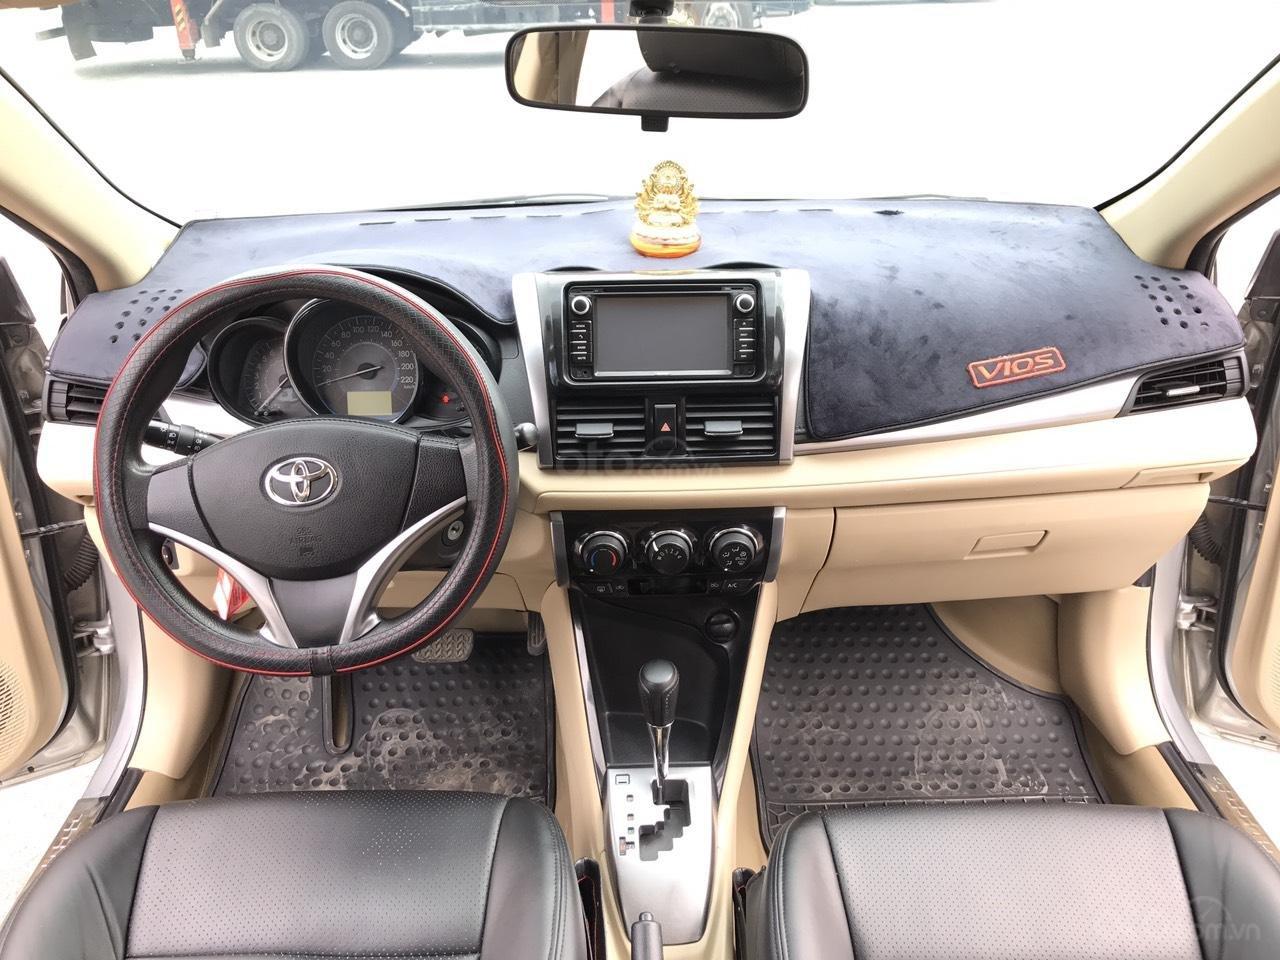 Bán xe Toyota Vios 1.5E CVT 2017, màu bạc, 1 chủ không lỗi nhỏ, xe mới cứng (5)